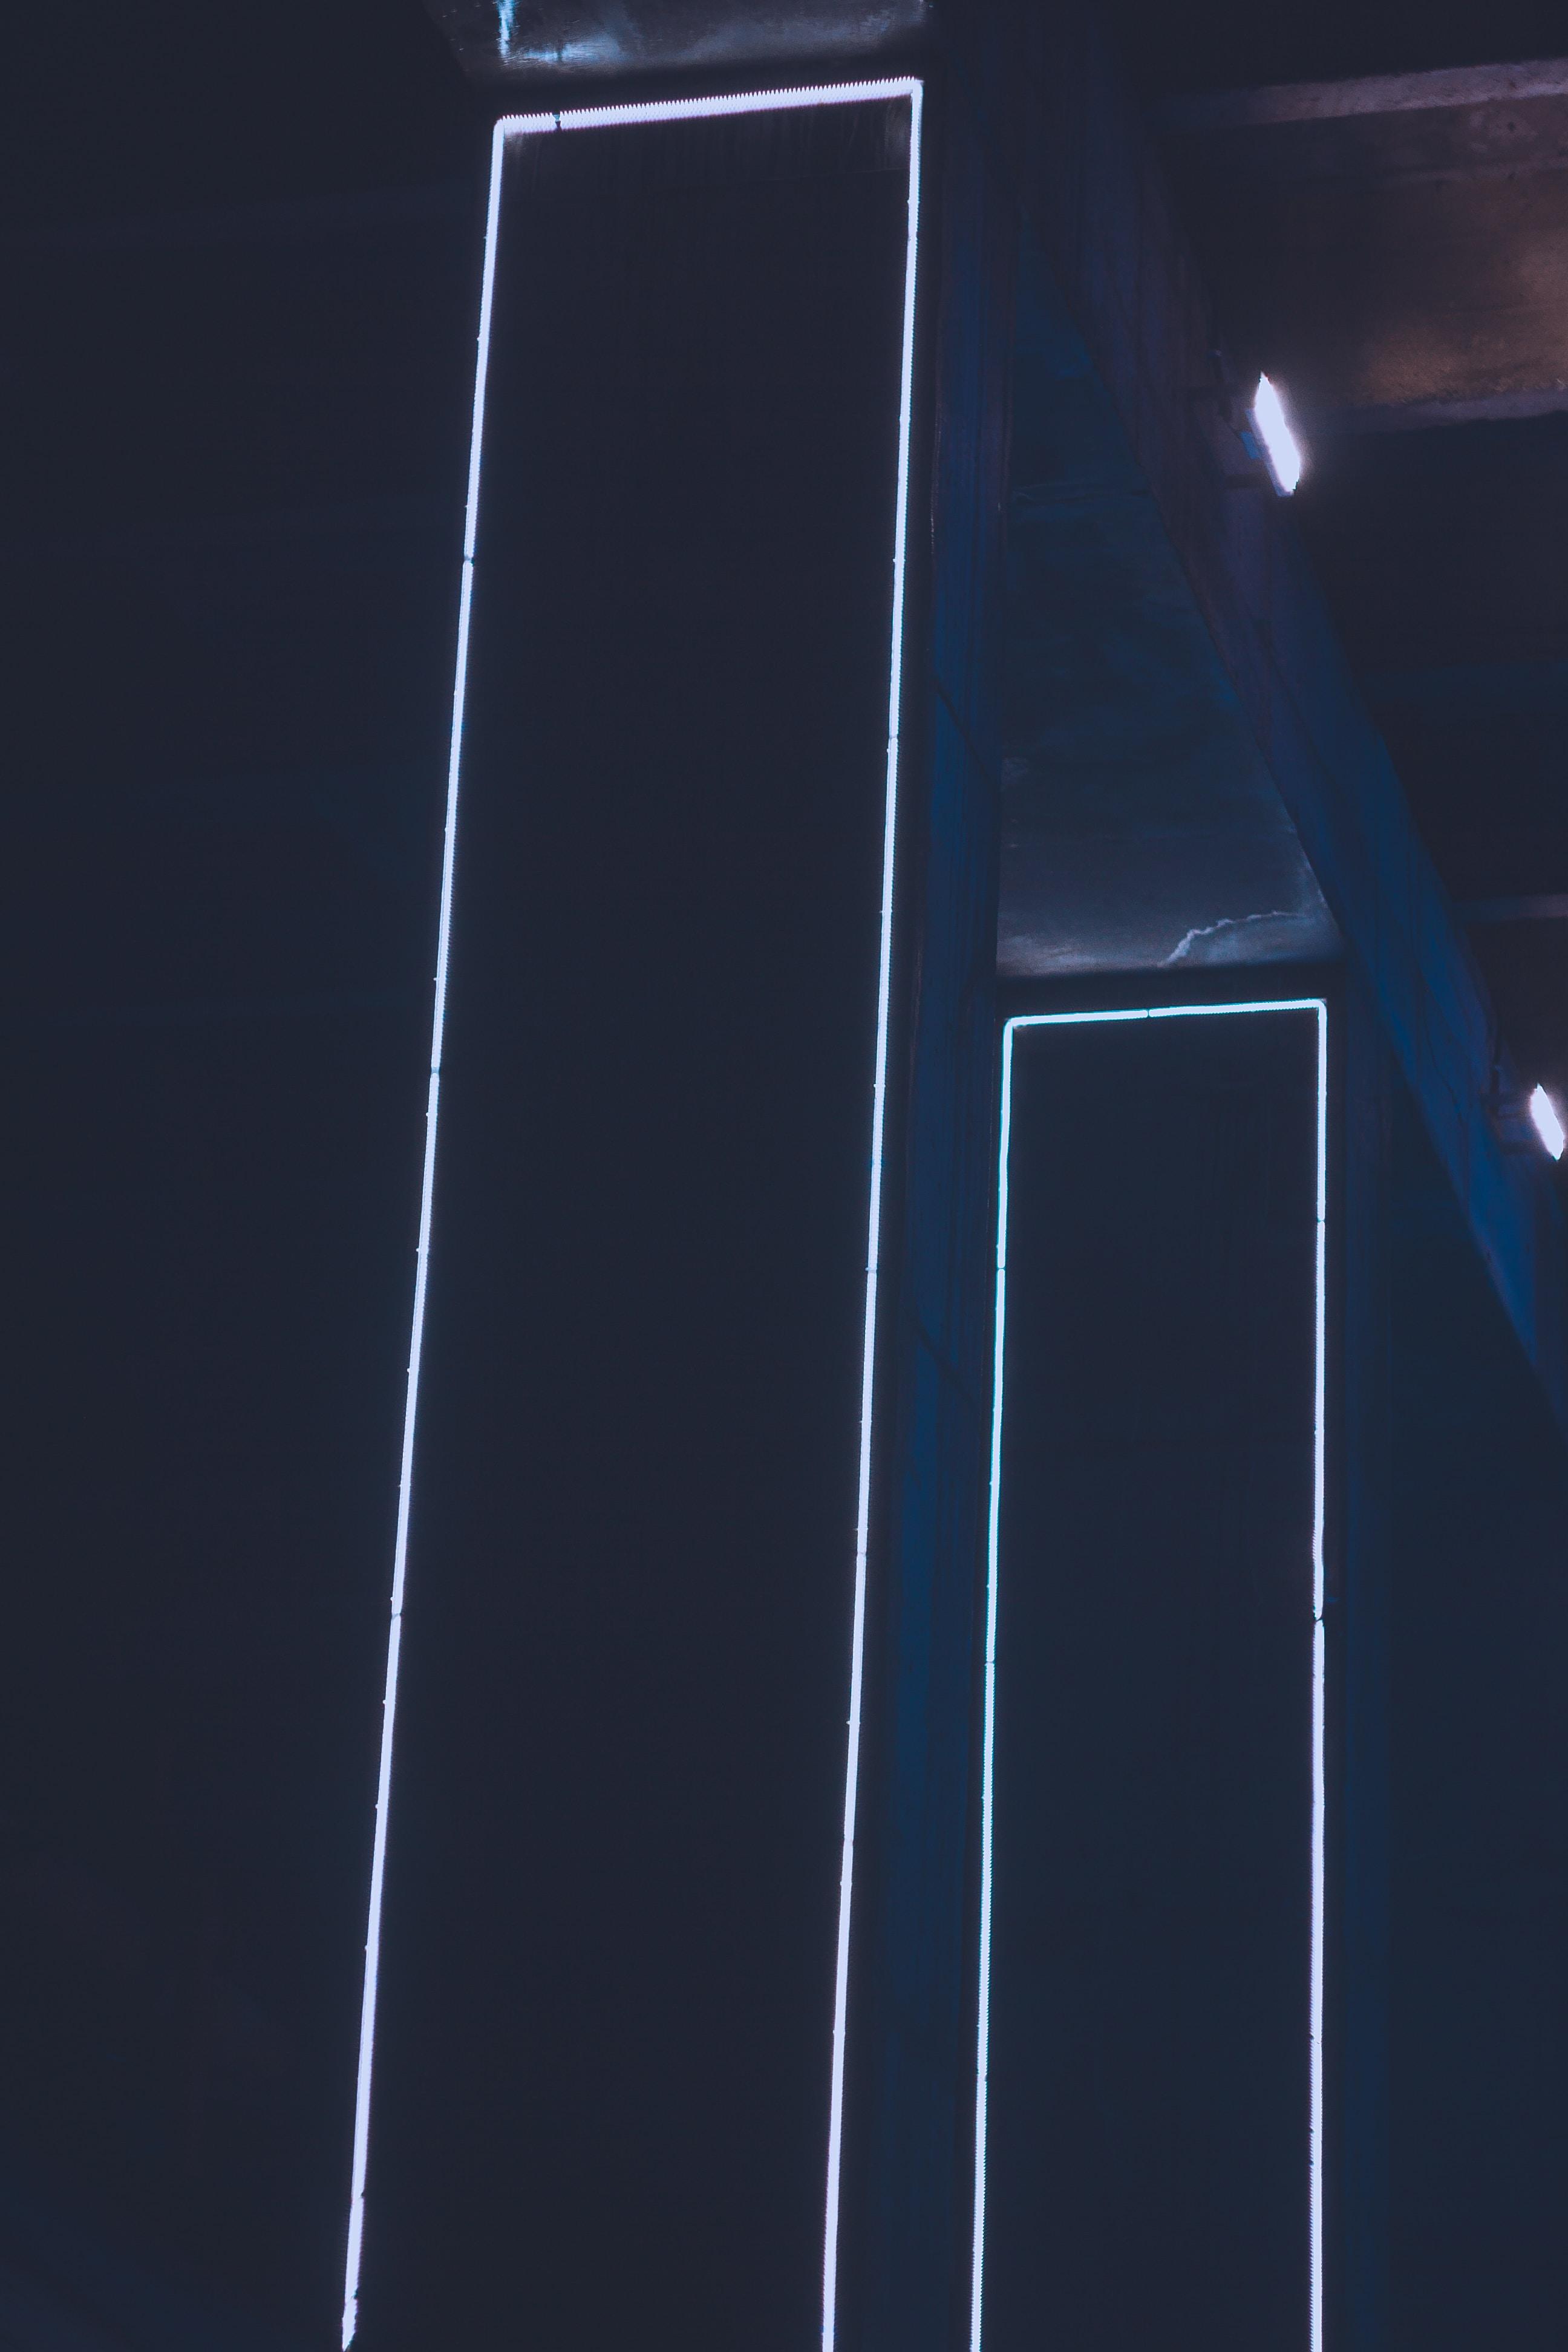 two black LED lights